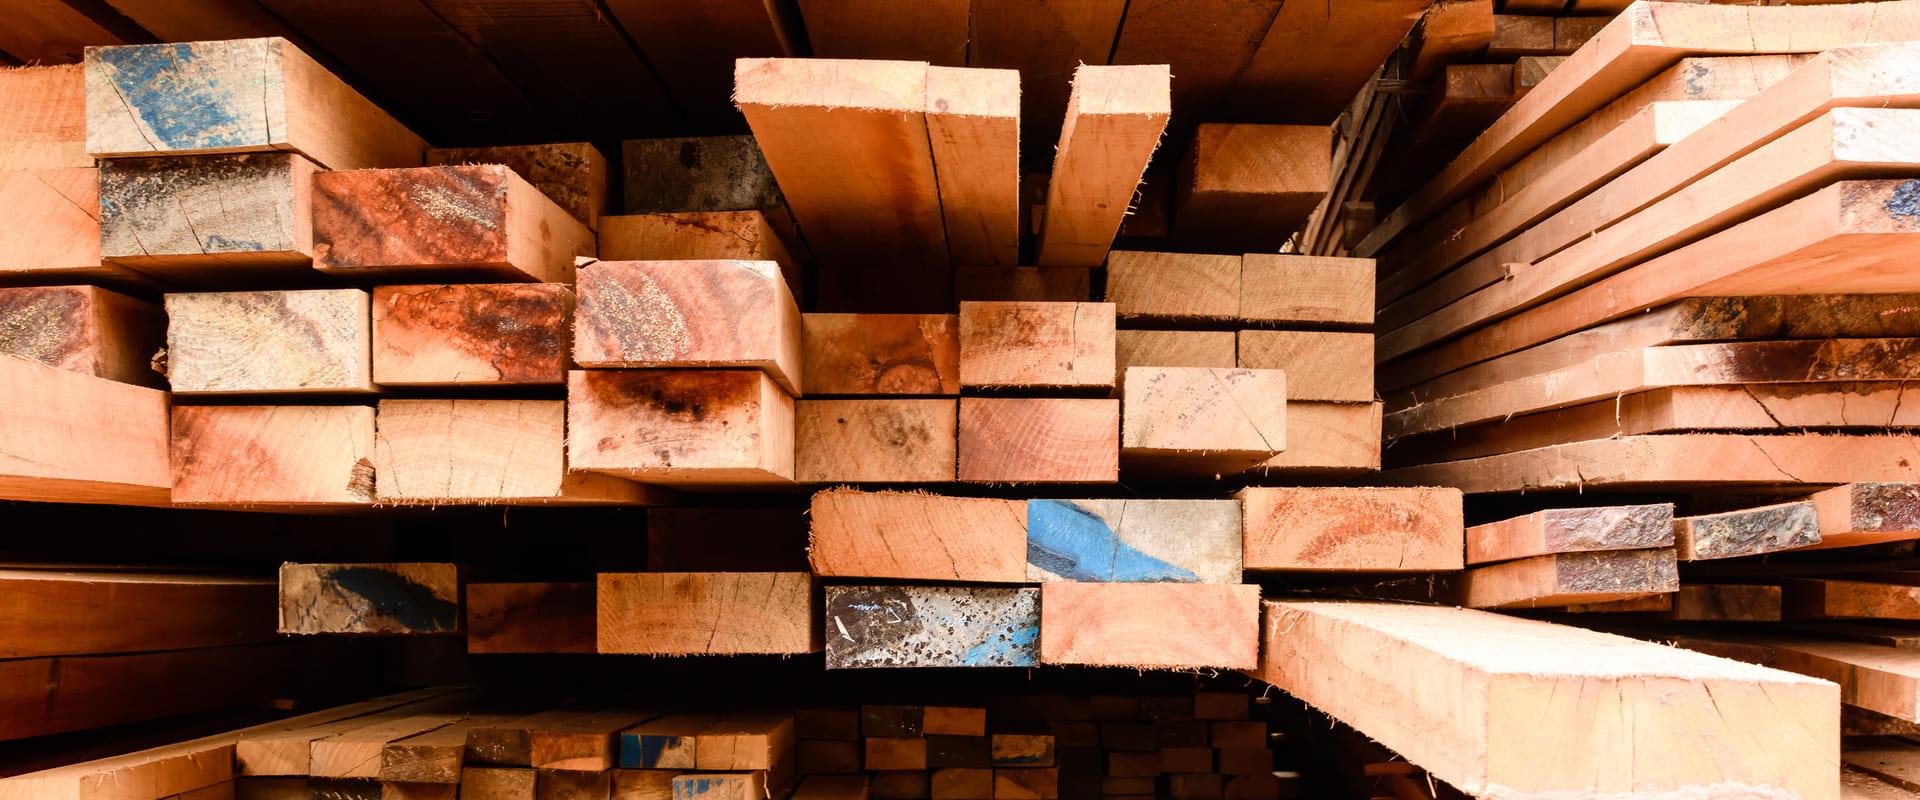 ผลิตภัณฑ์ไม้แปรรูป